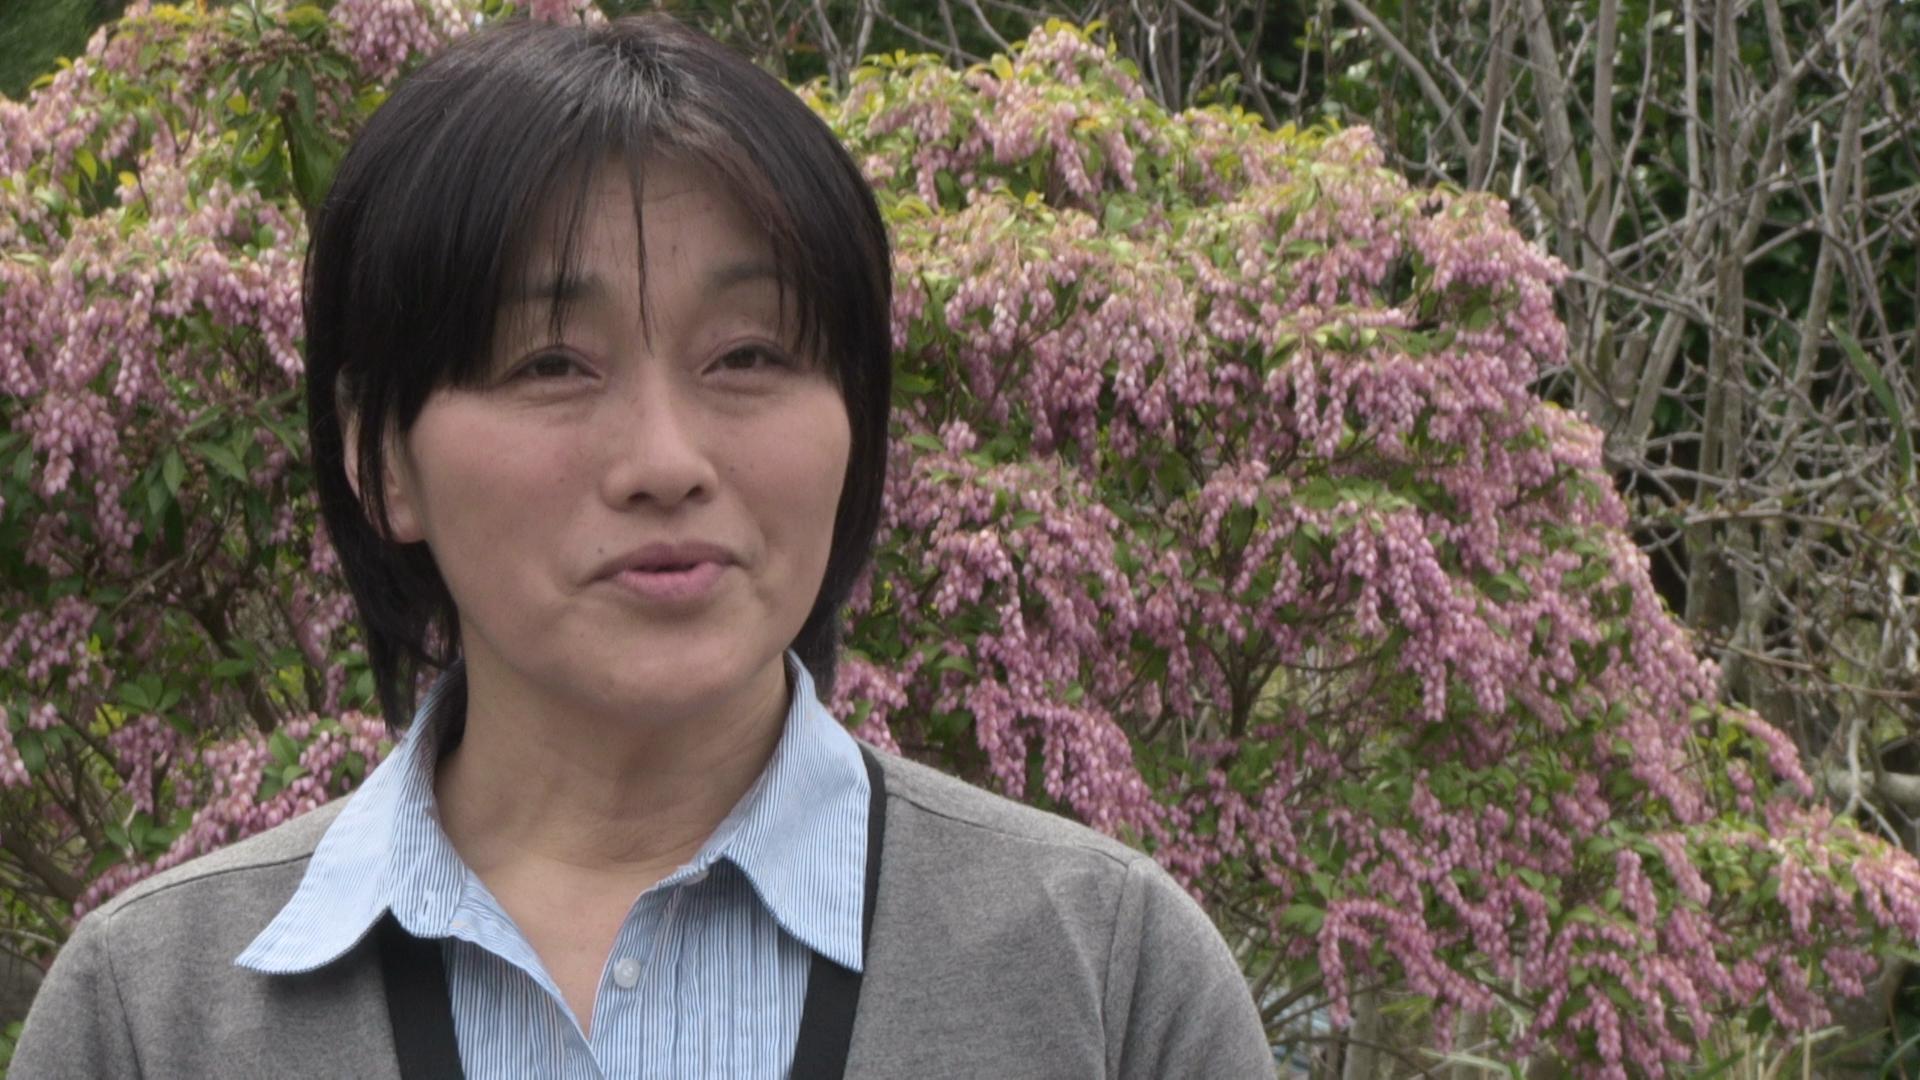 odaka condemned farm wifeinterview.JPG